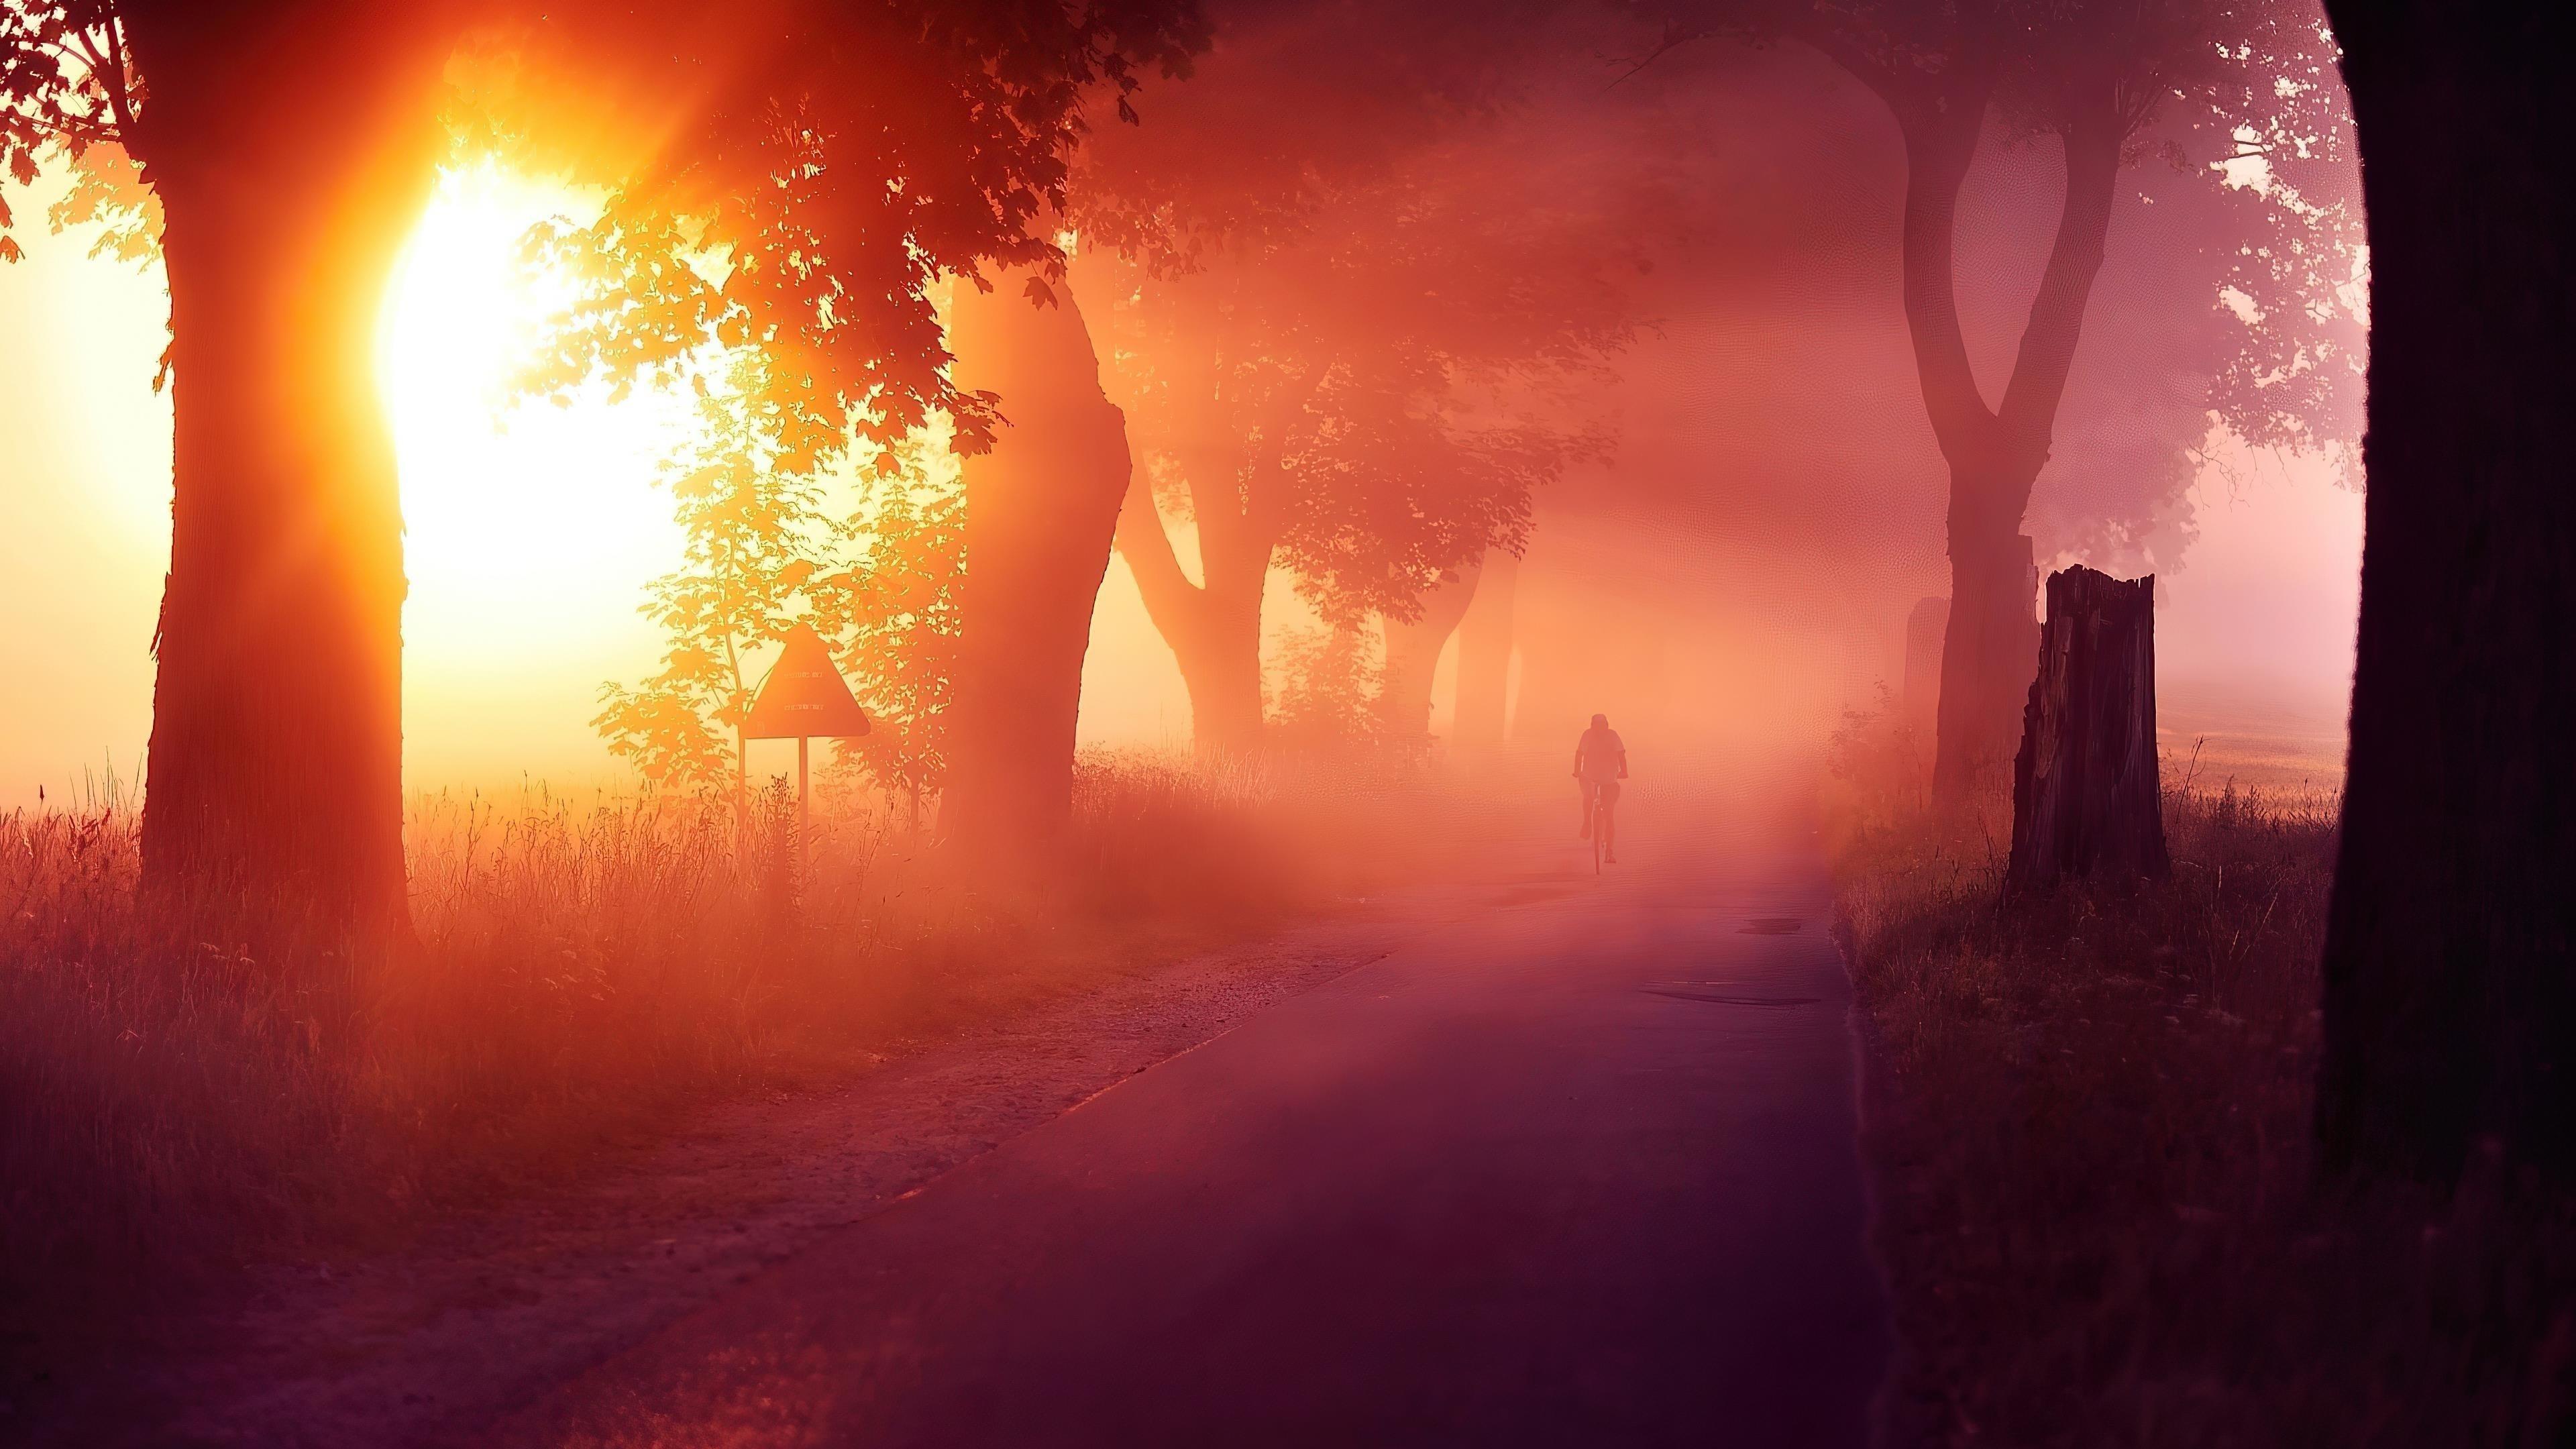 Солнечные лучи, проходящие между деревьями с туманной дорогой природы обои скачать